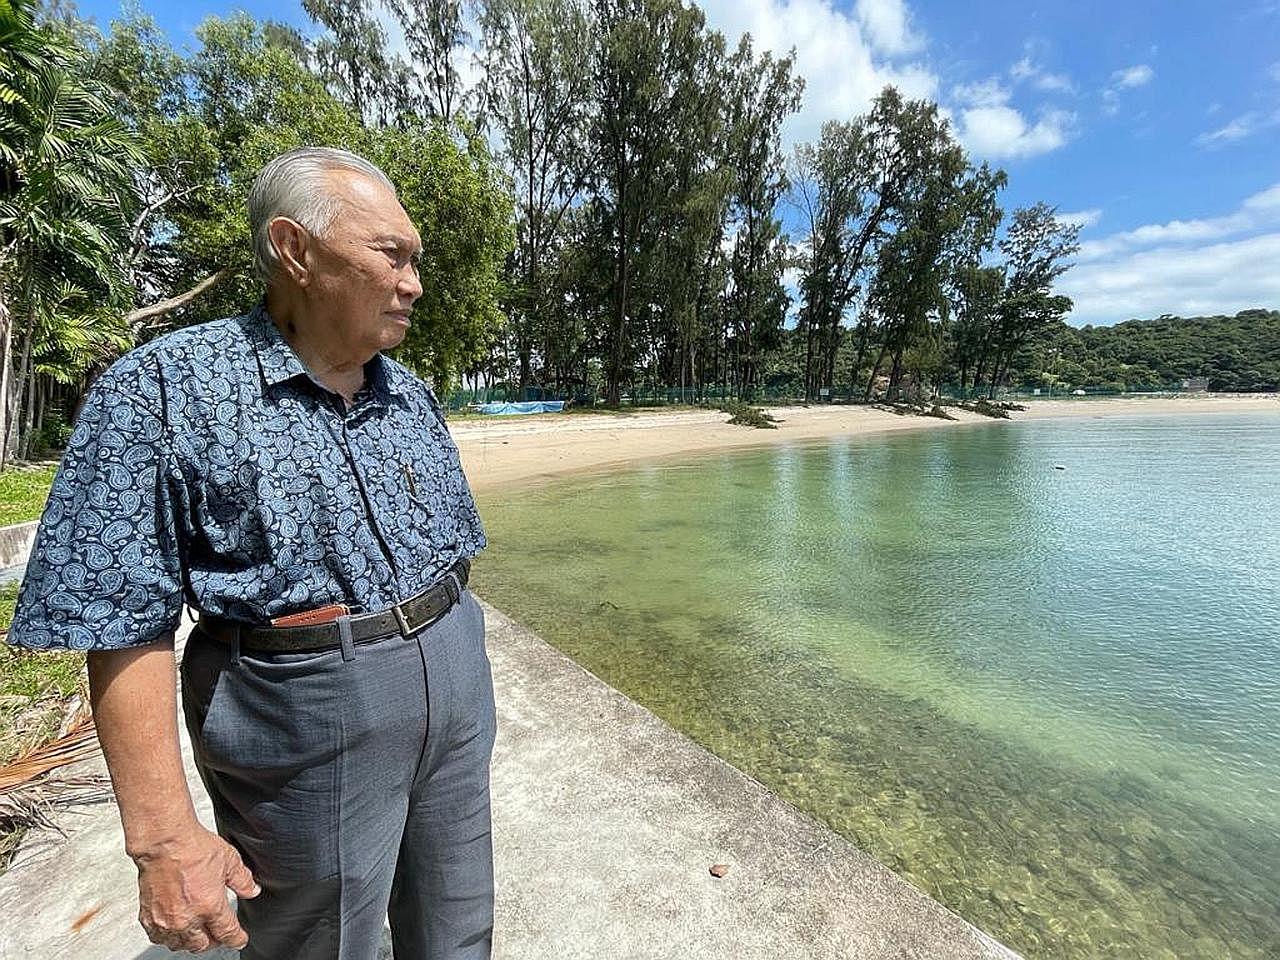 Nostalgia 'bermain' di Pulau Sekijang Pelepah